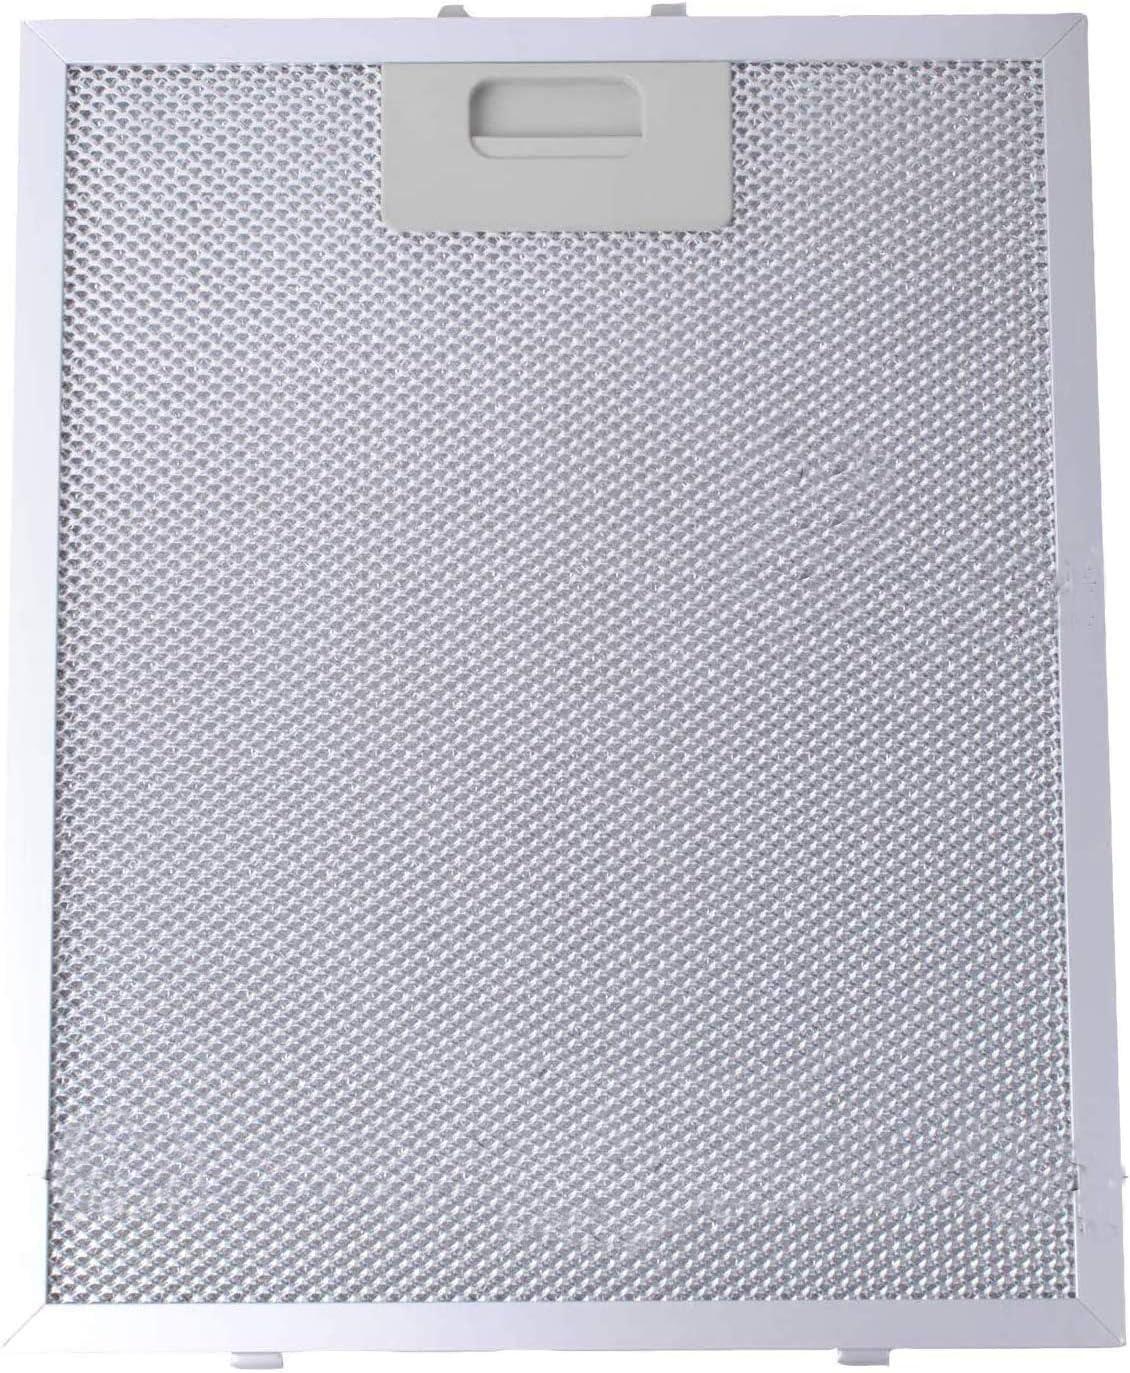 Filtro de Grasa Universal para Campana Extractora de Cocina por Poweka (Plata, 320 x 260 mm)